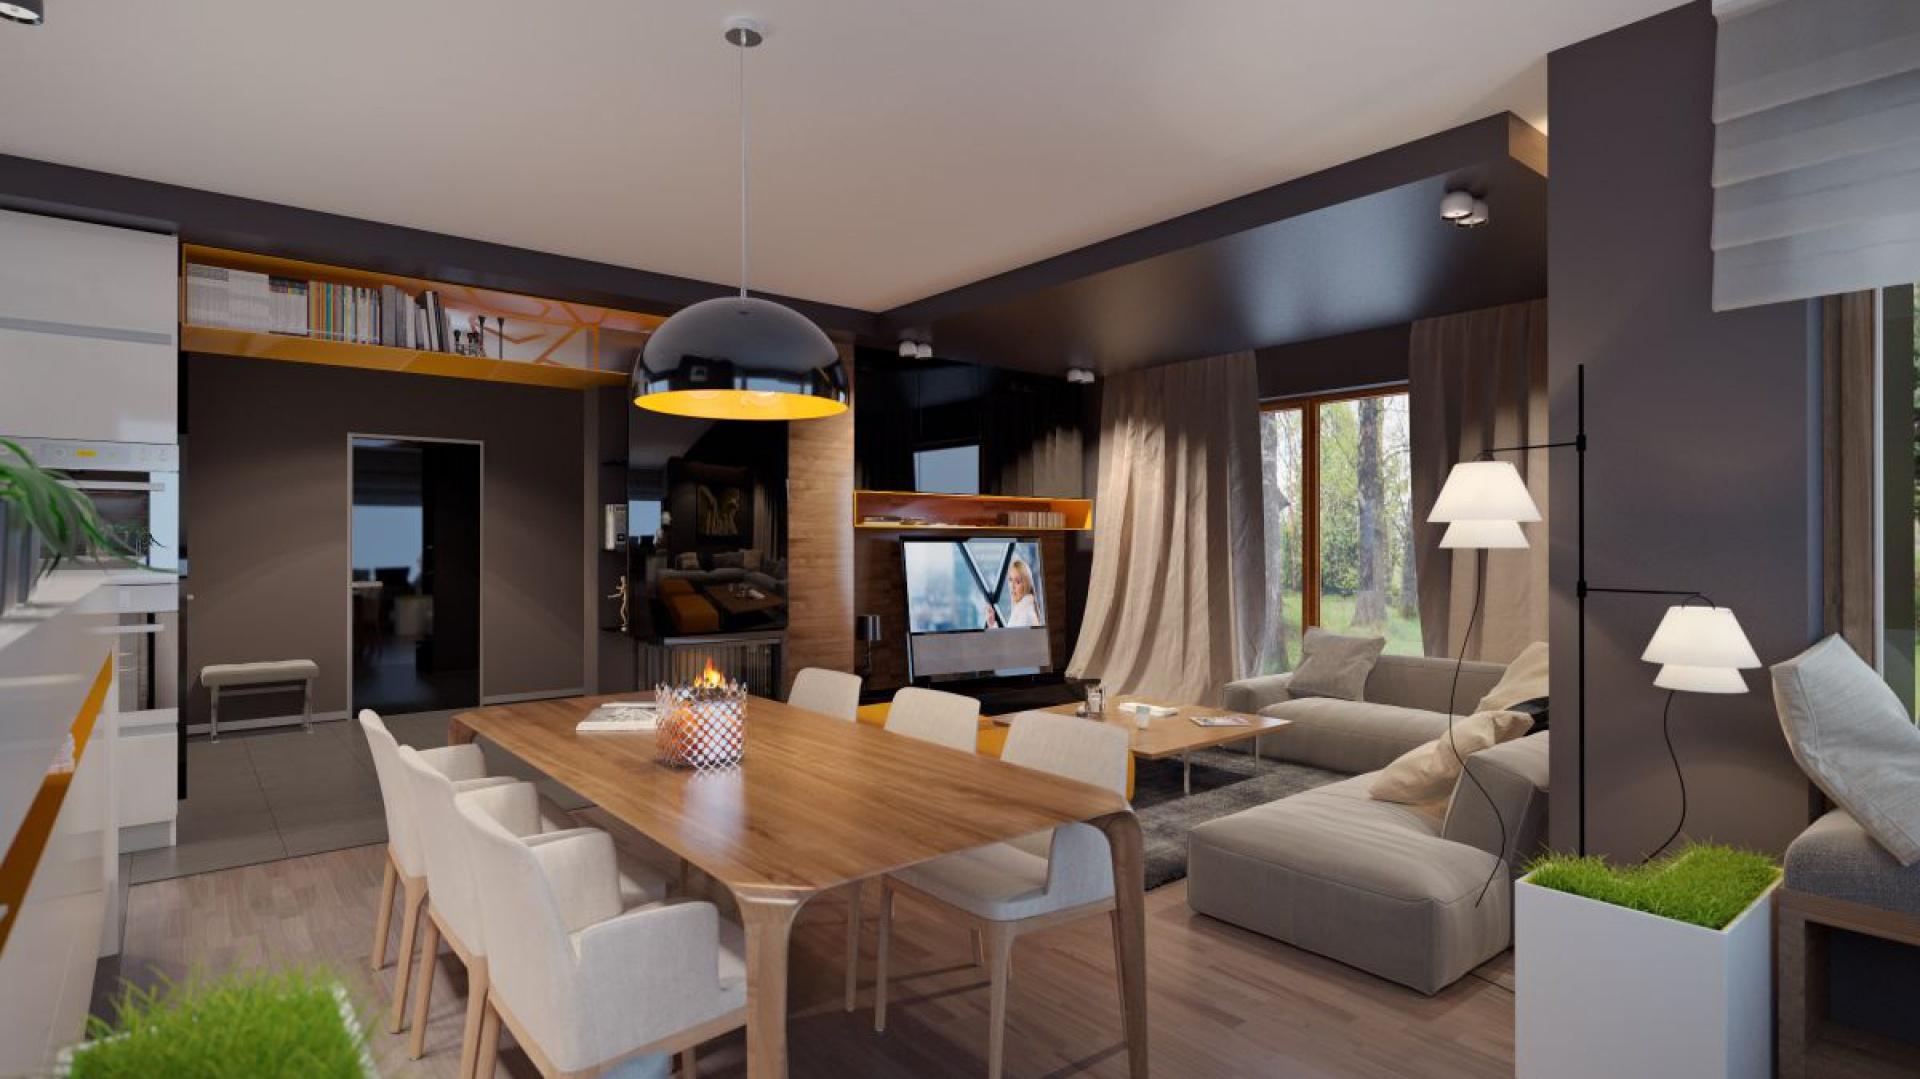 Na parterze znajduje się wspólna strefa dzienna, składająca się z salonu, częściowo otwartej kuchni oraz jadalni, która wyznacza symboliczną granicę pomiędzy kuchnią i pokojem dziennym. Fot. Archetyp